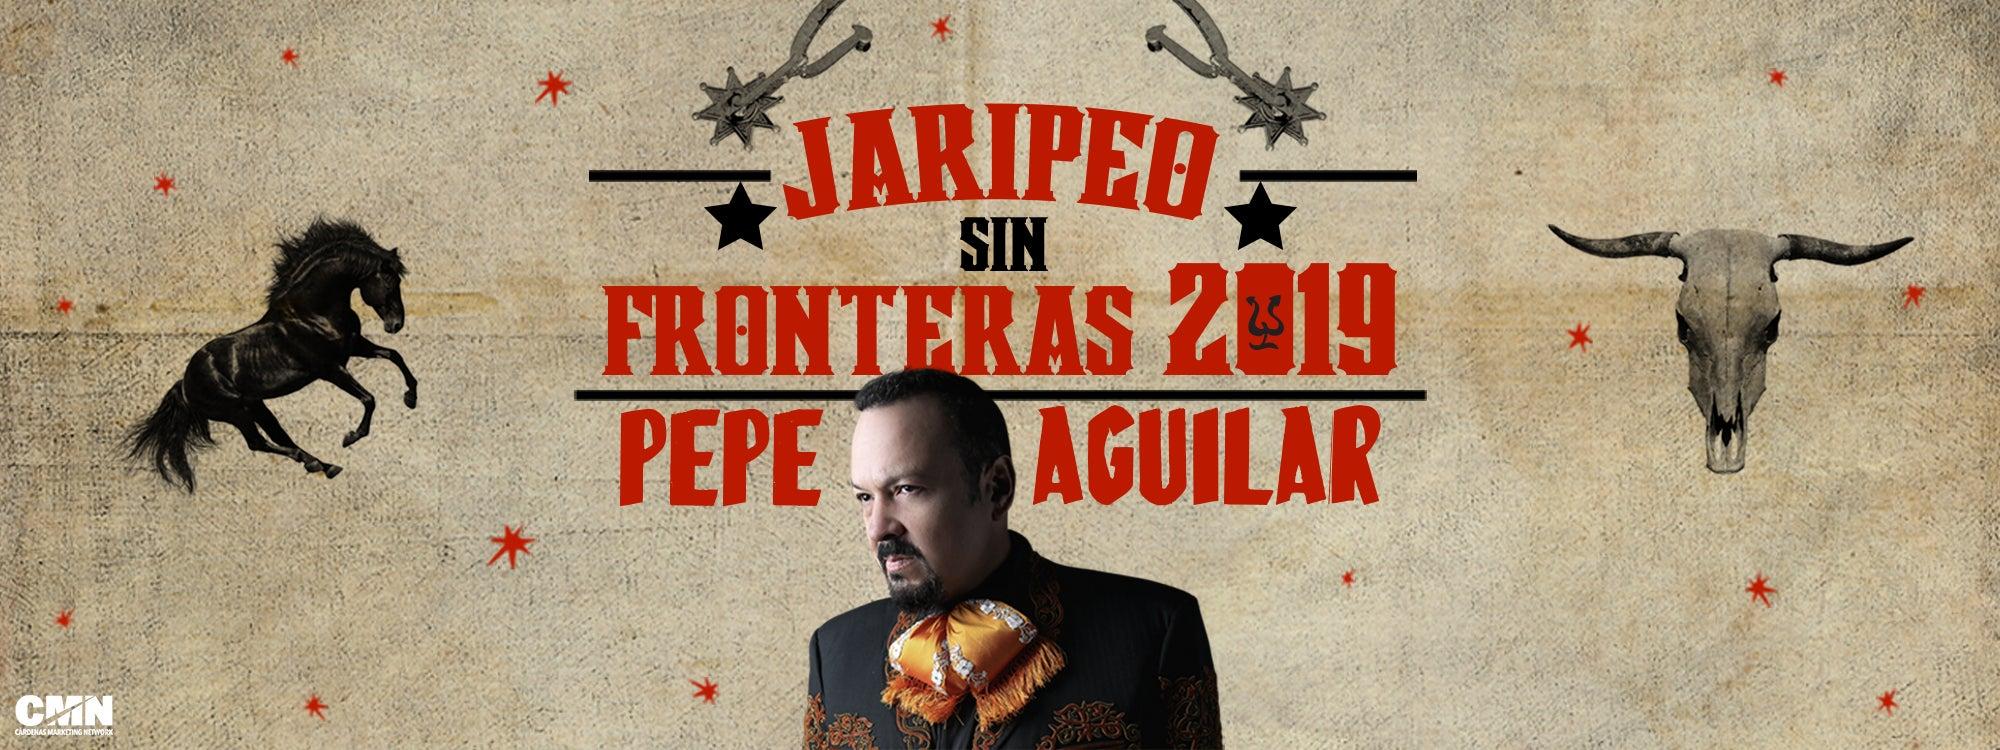 Pepe Aguilar Y Familia Presentan Jaripeo Sin Fronteras 2019